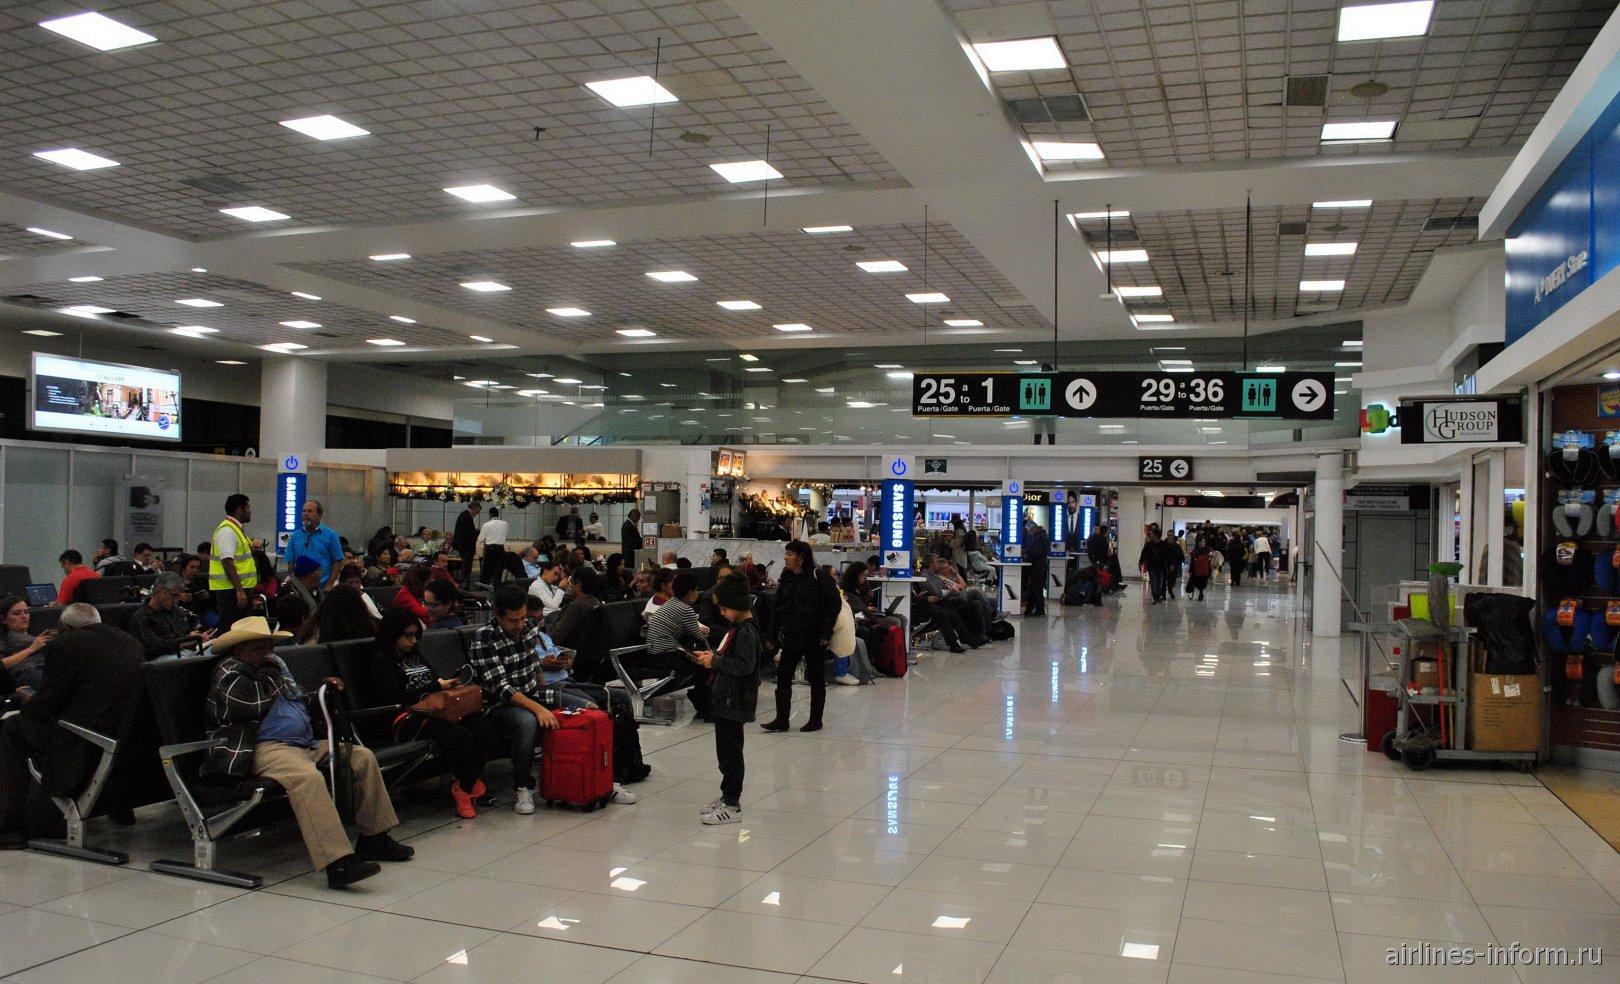 Залы ожидания в чистой зоне МВЛ терминала Т1 аэропорта Мехико Бенито Хуарес